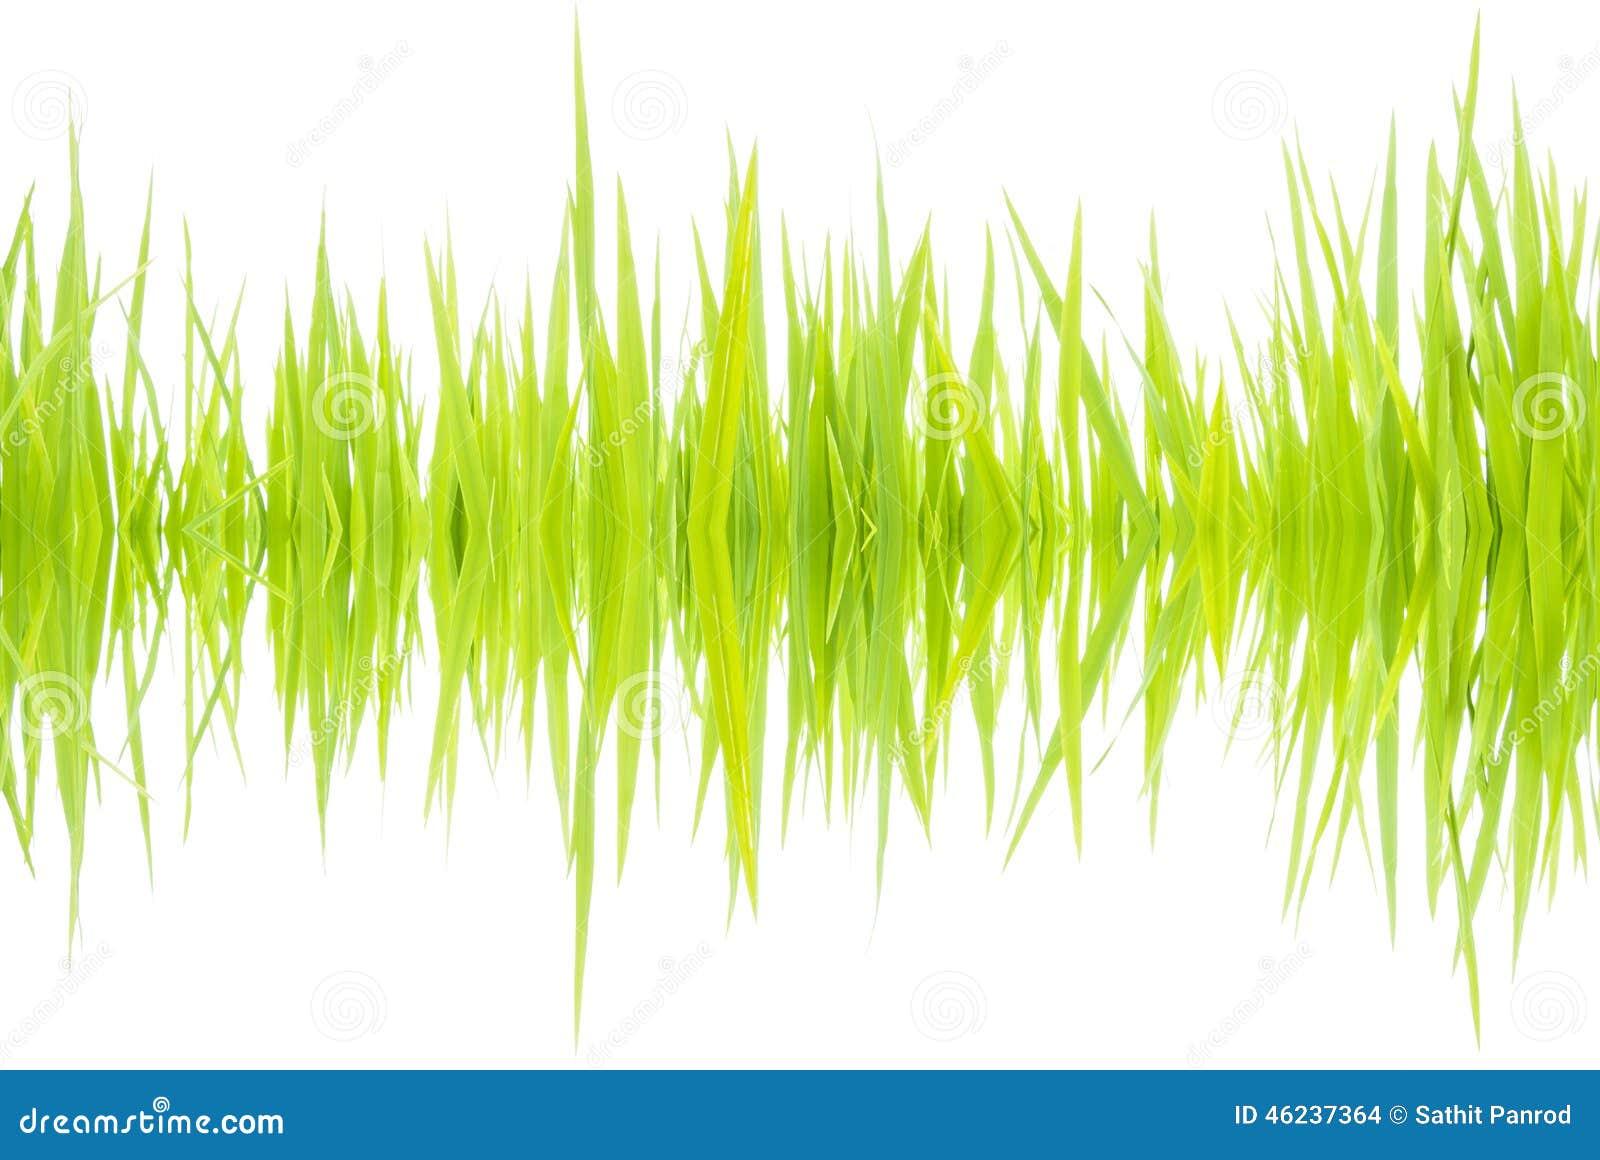 Sound waves 001